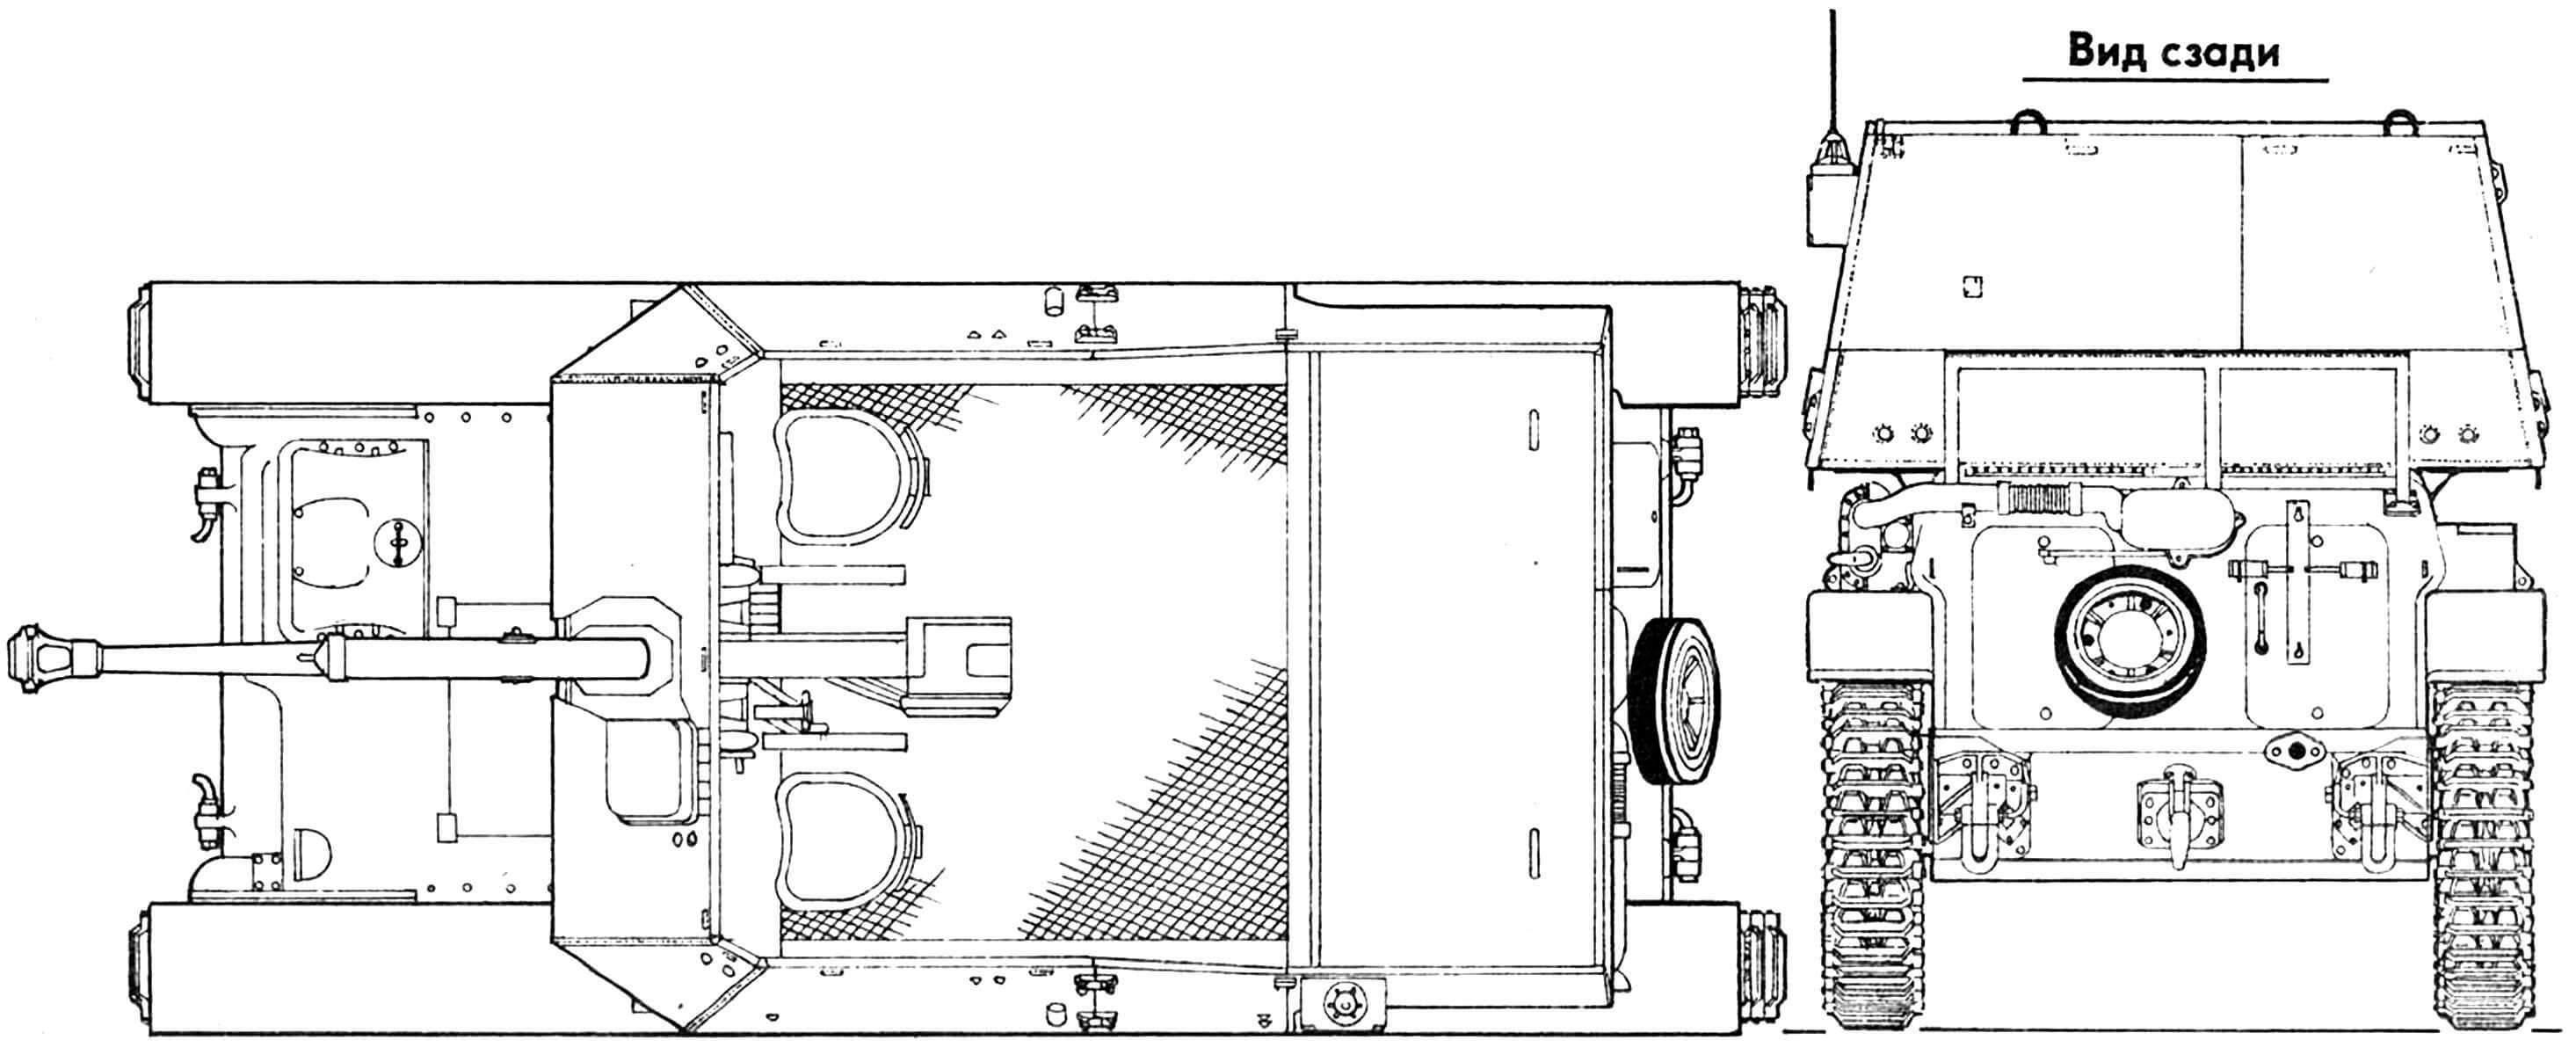 Flammenwer ferpanzer B2(f)